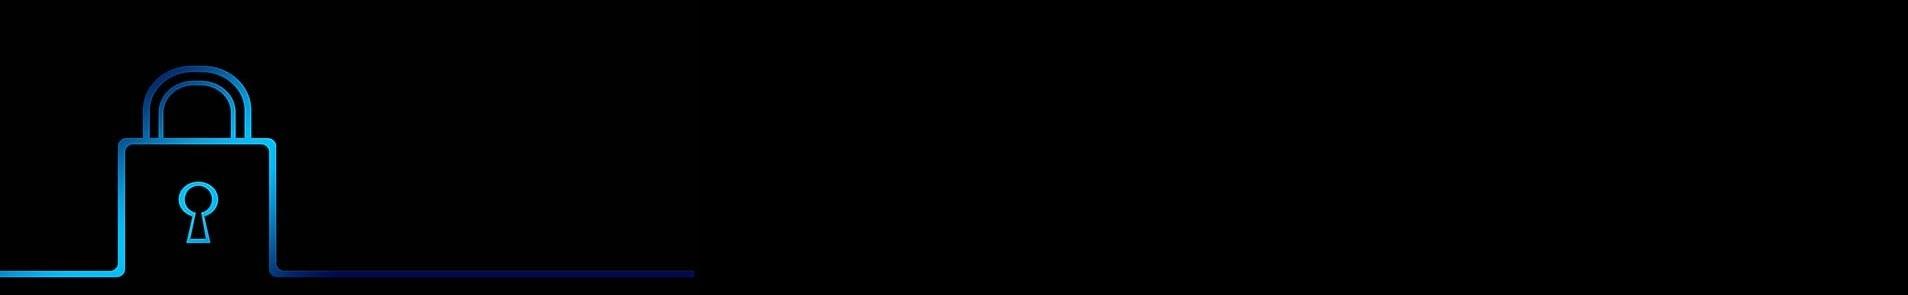 CANDADO